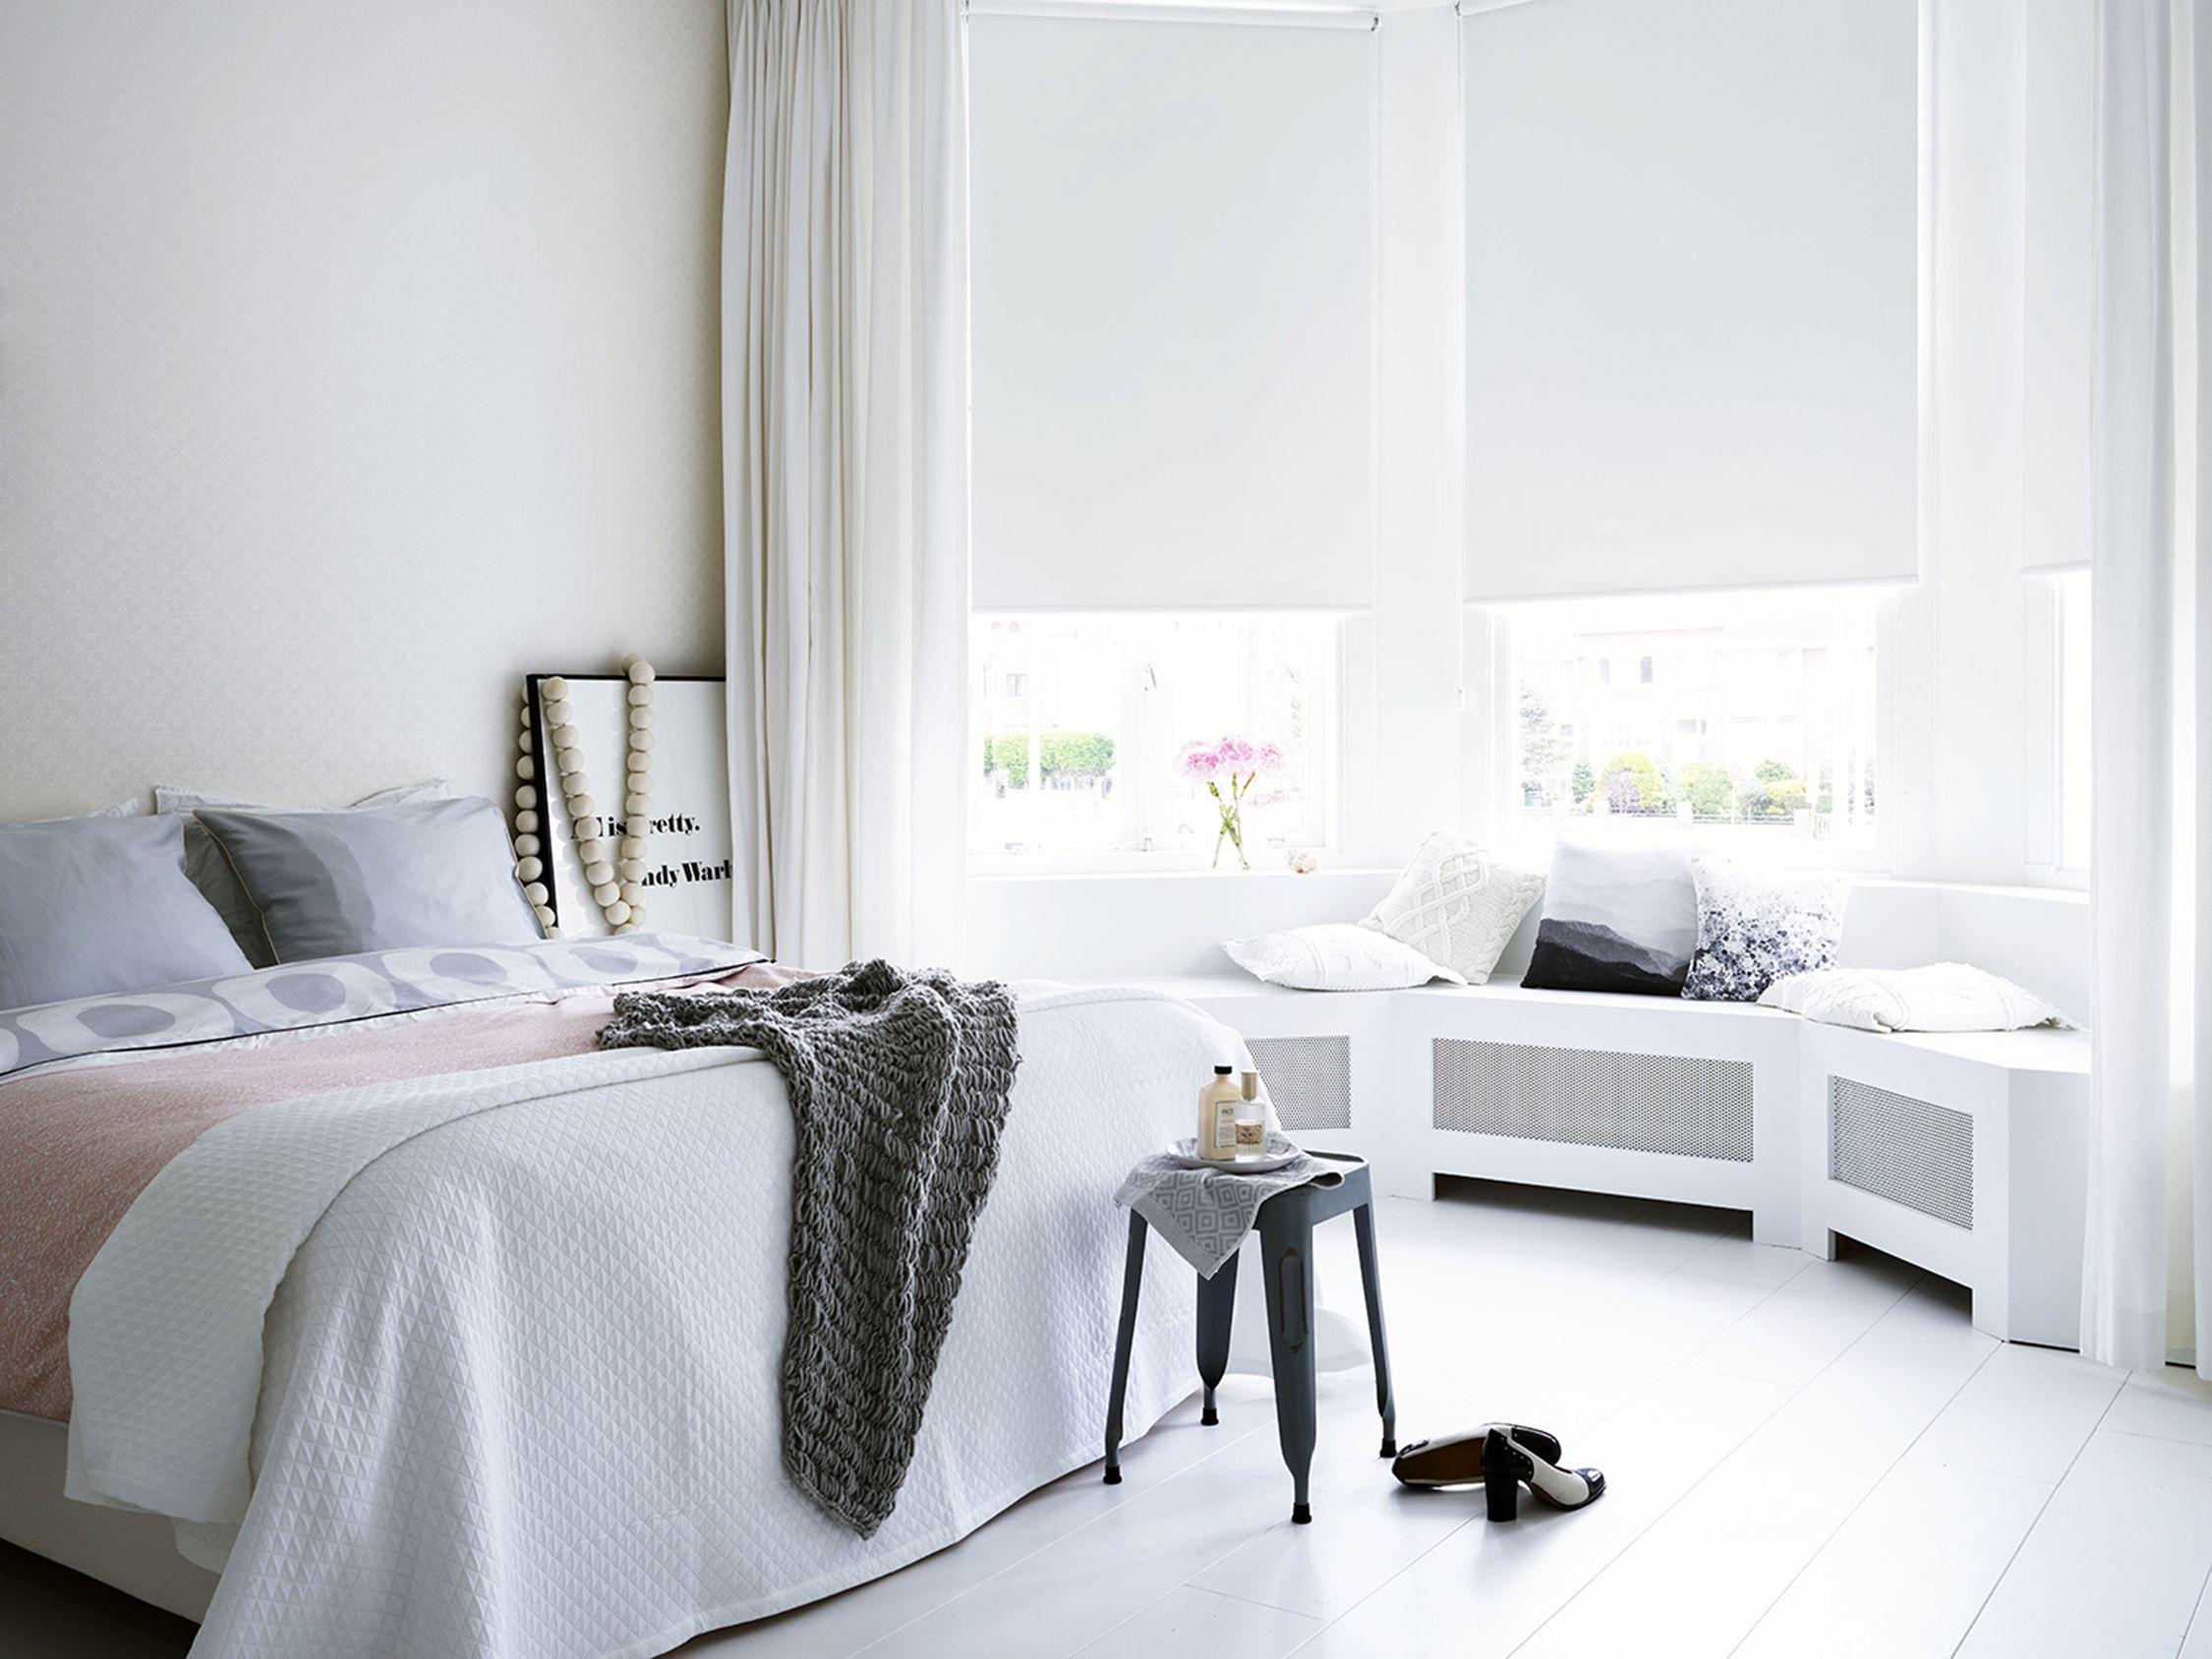 Rolgordijnen Slaapkamer 13 : Een donkere slaapkamer bevordert de nachtrust verduisterende